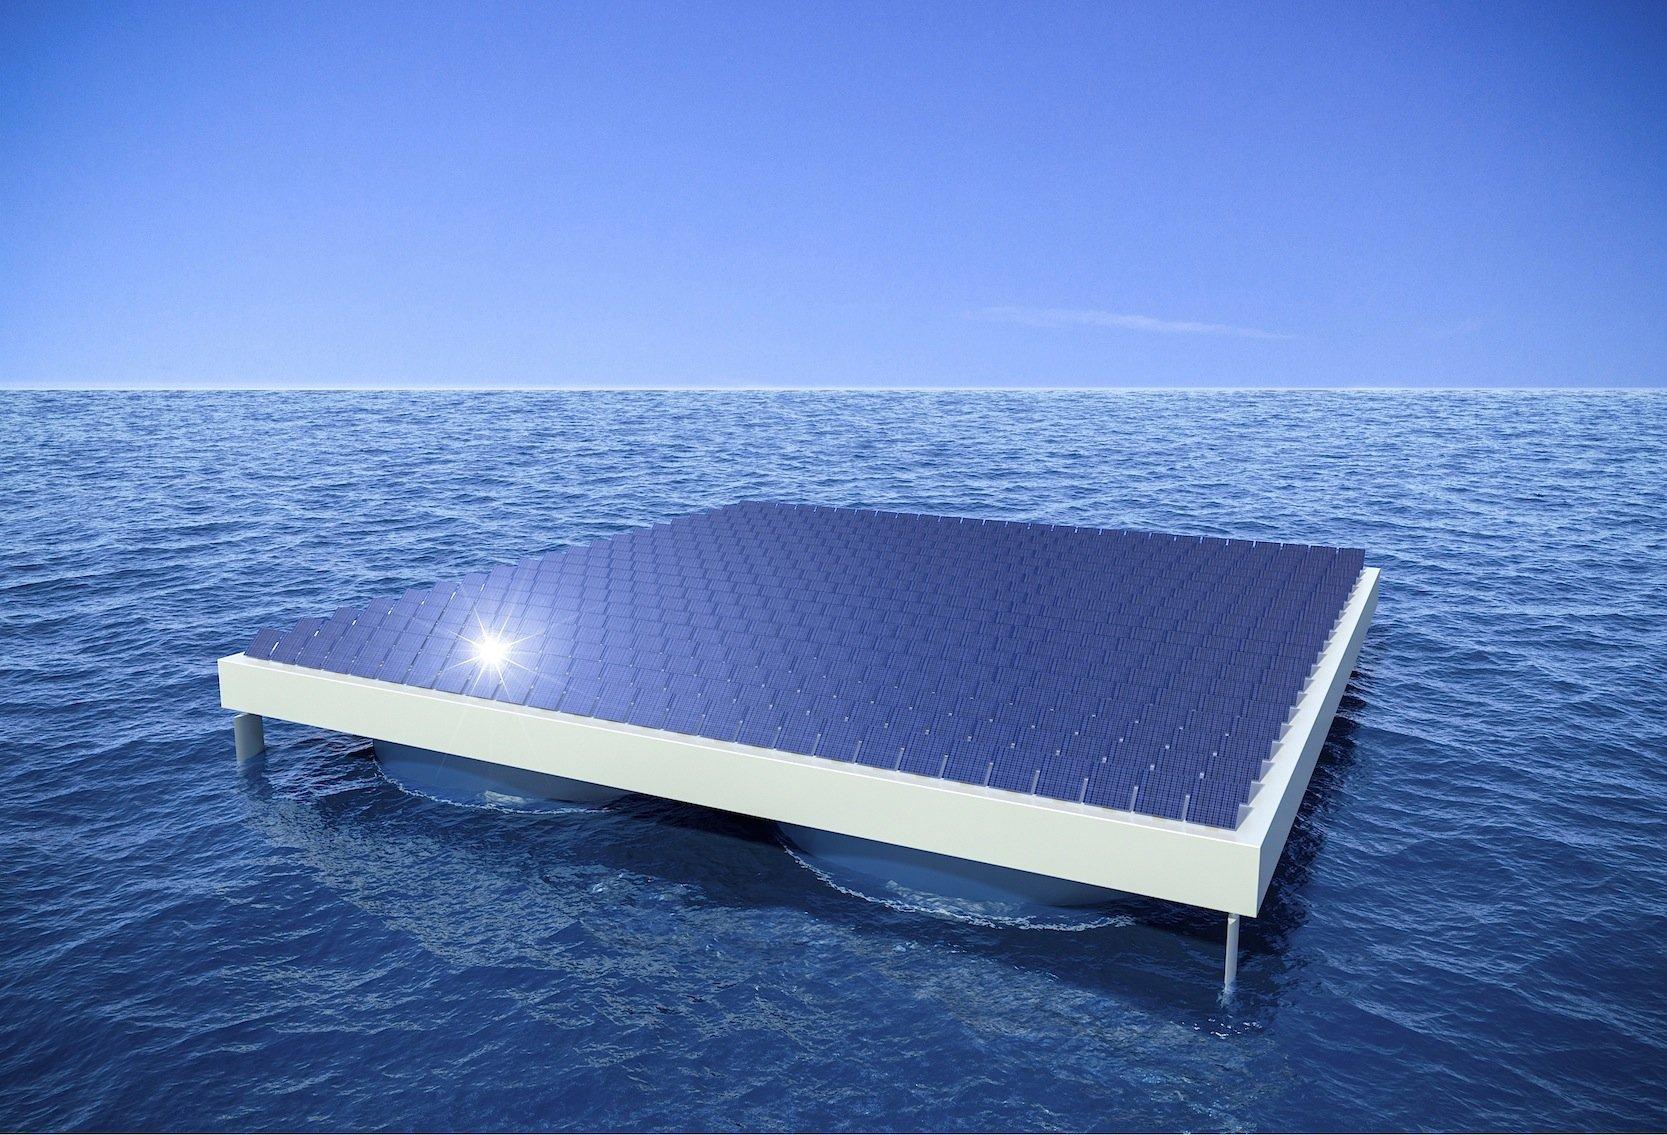 Die Solarpanele können auch etwas über dem Meer angeordnet und in die Sonne gestellt werden.